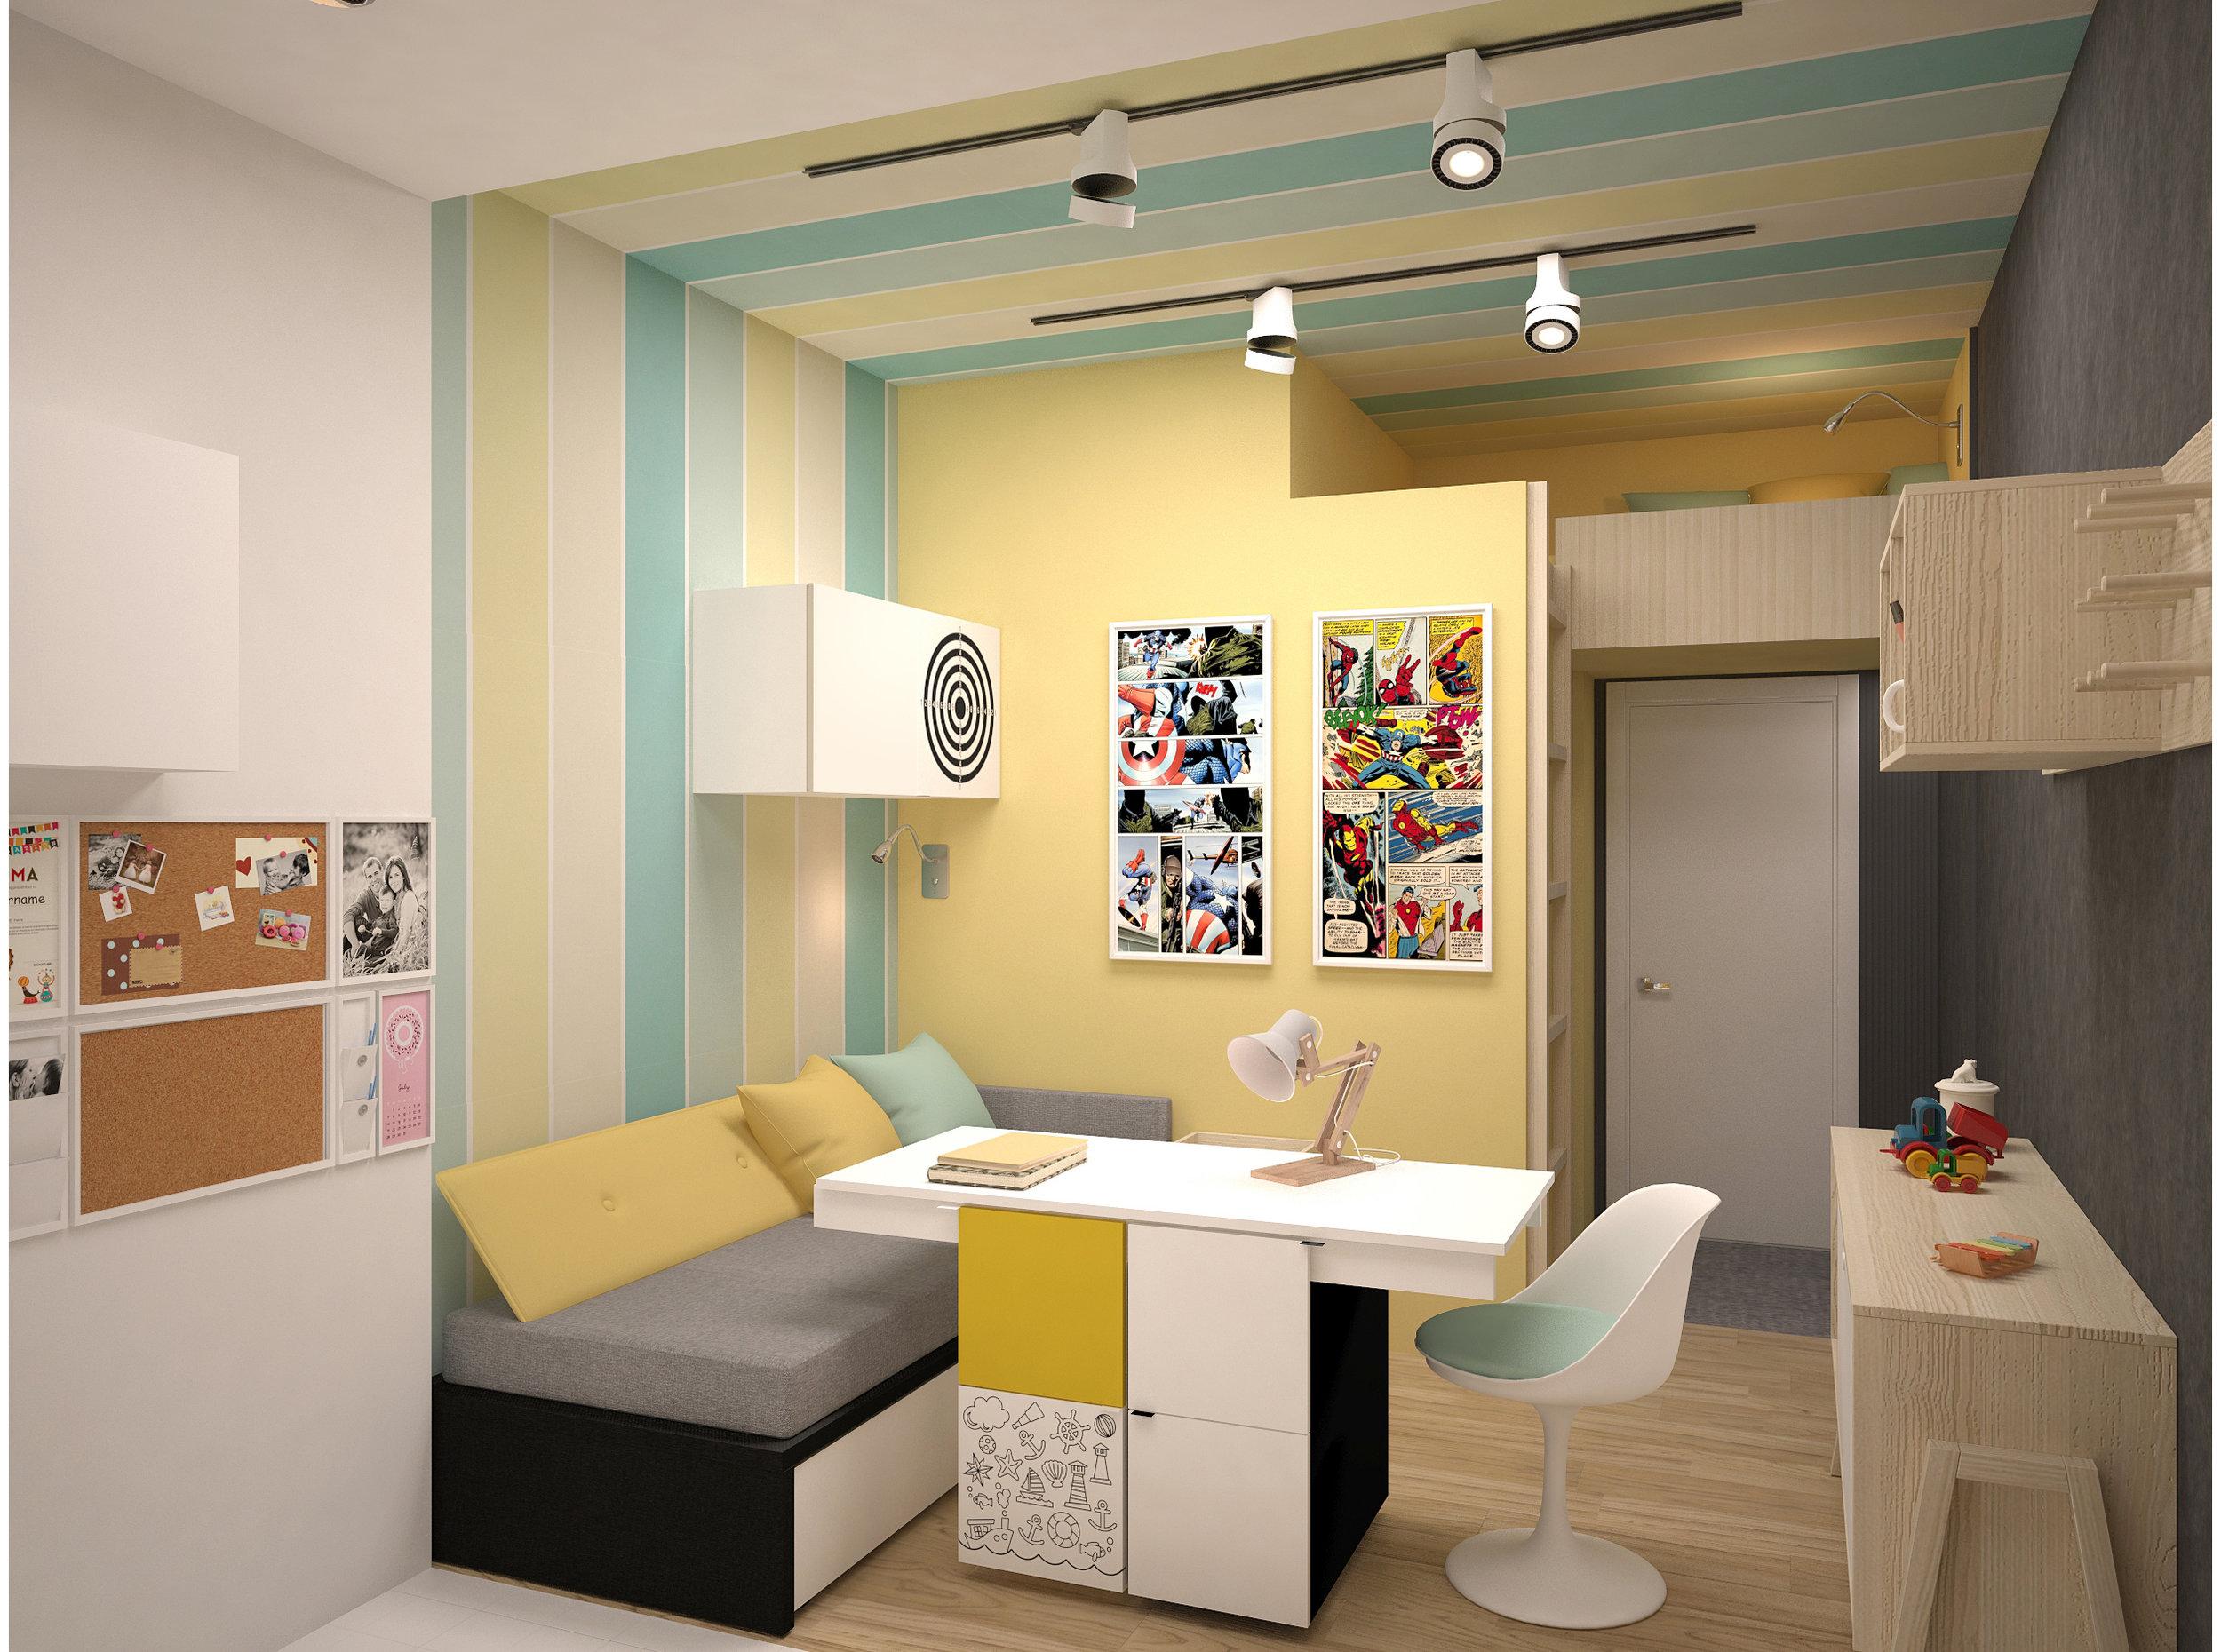 Copy of Boys bedroom